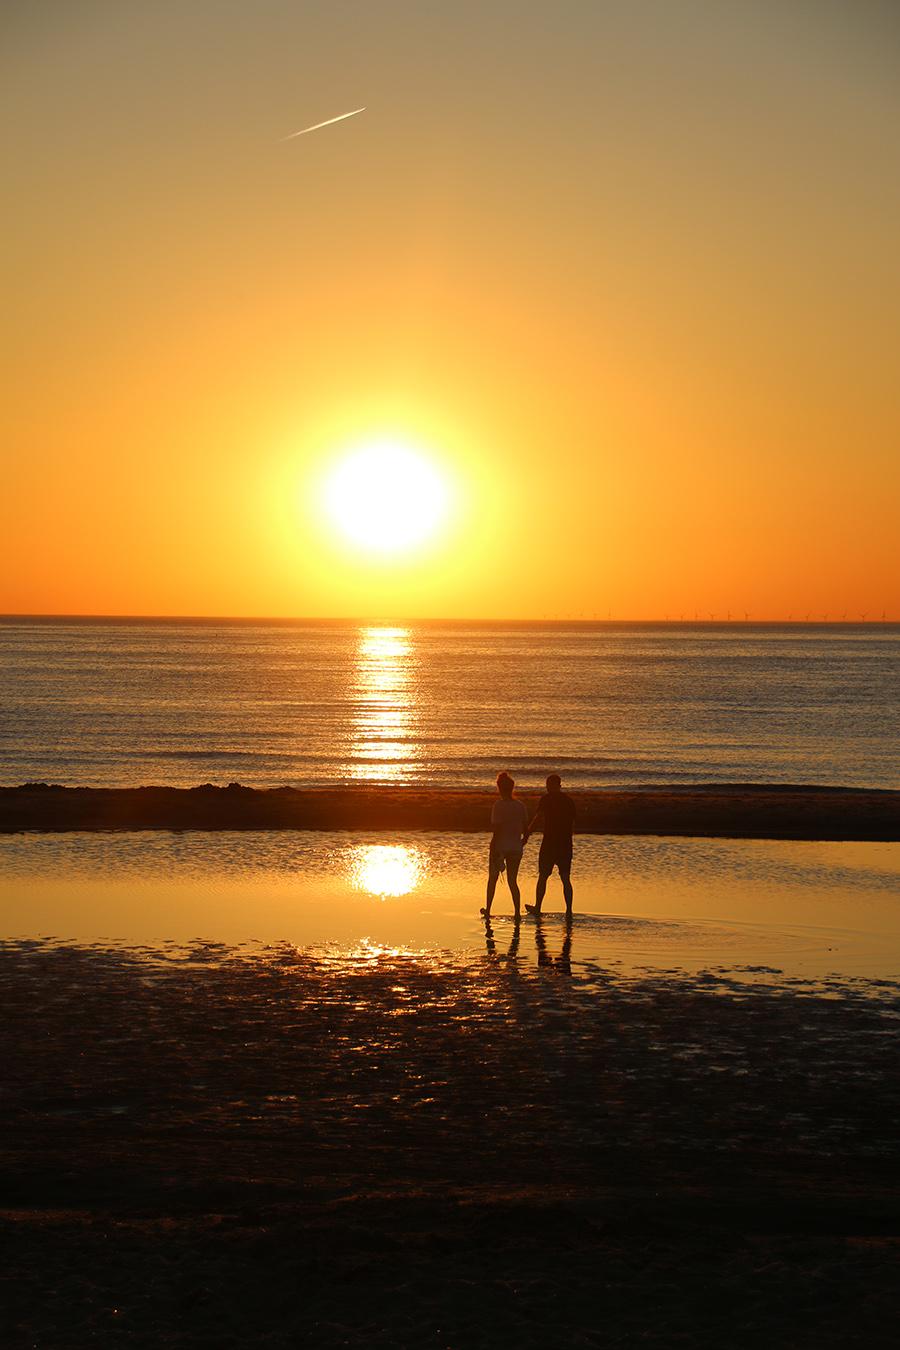 sunset-noordwijk-beach